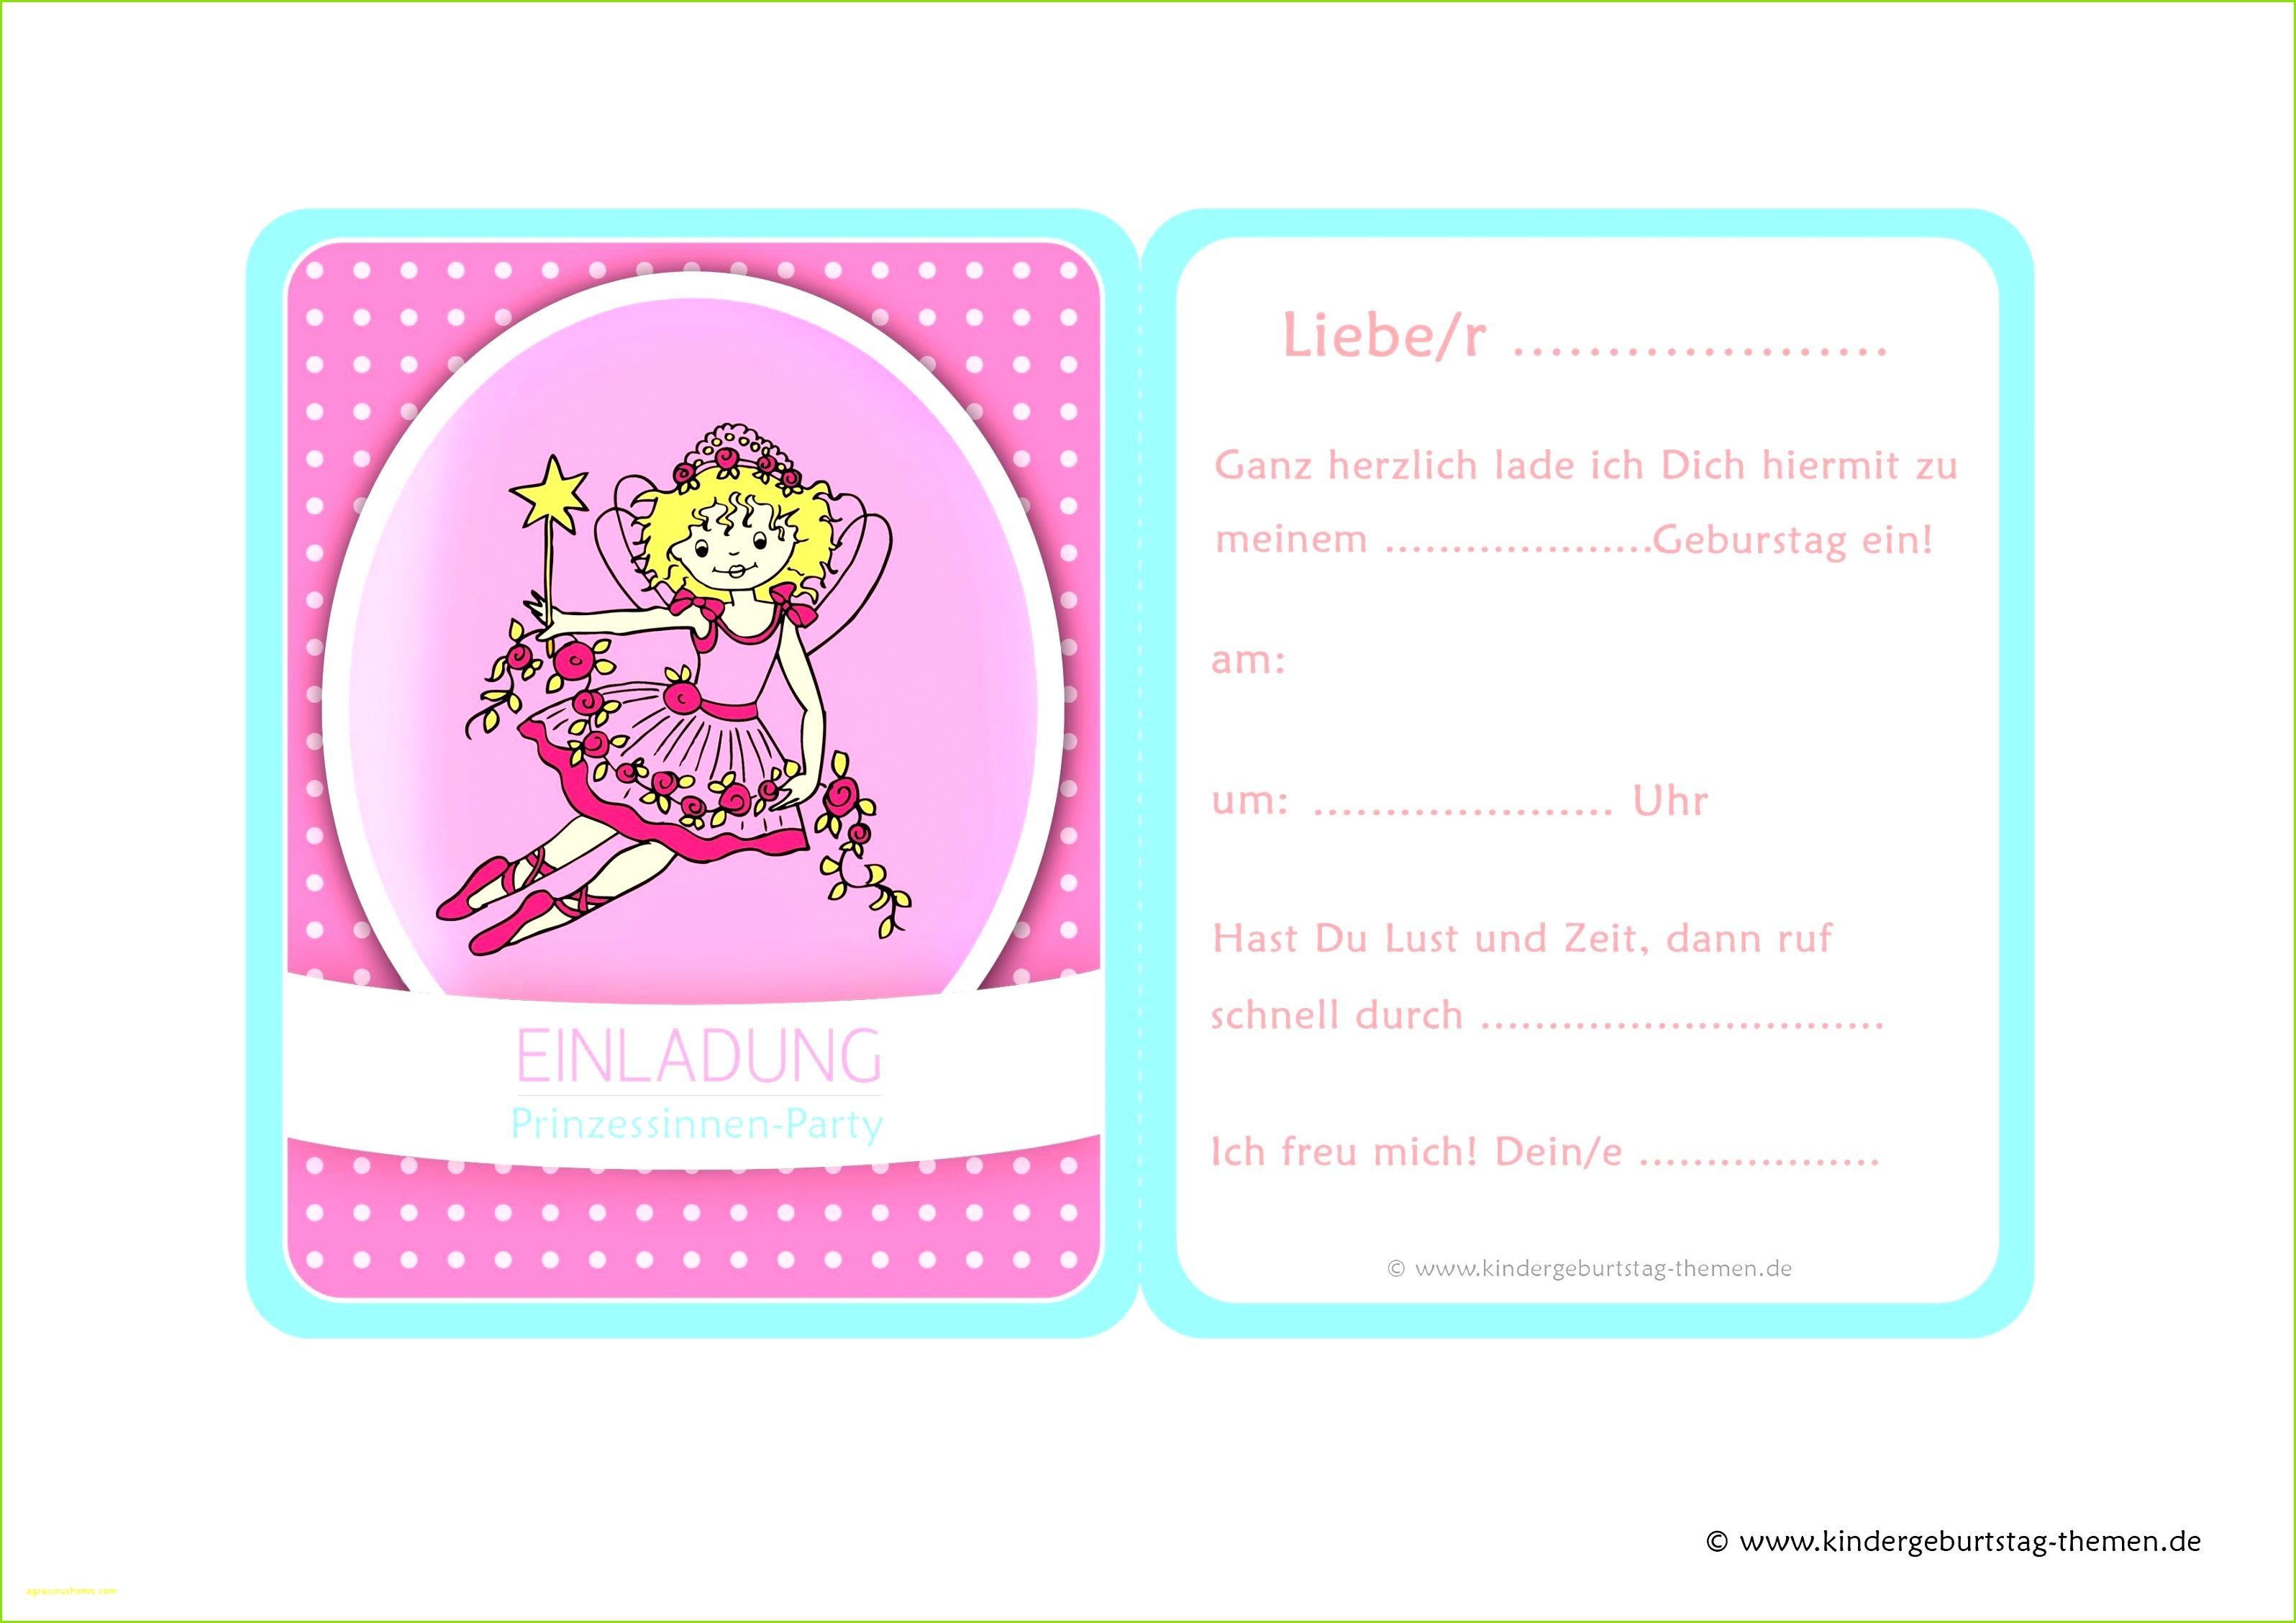 Hochzeitseinladungen Selber Machen Vorlagen Schön Einladungskarten Vorlagen Geburtstag Vorlagen Einladungen 0d Hochzeitseinladungen